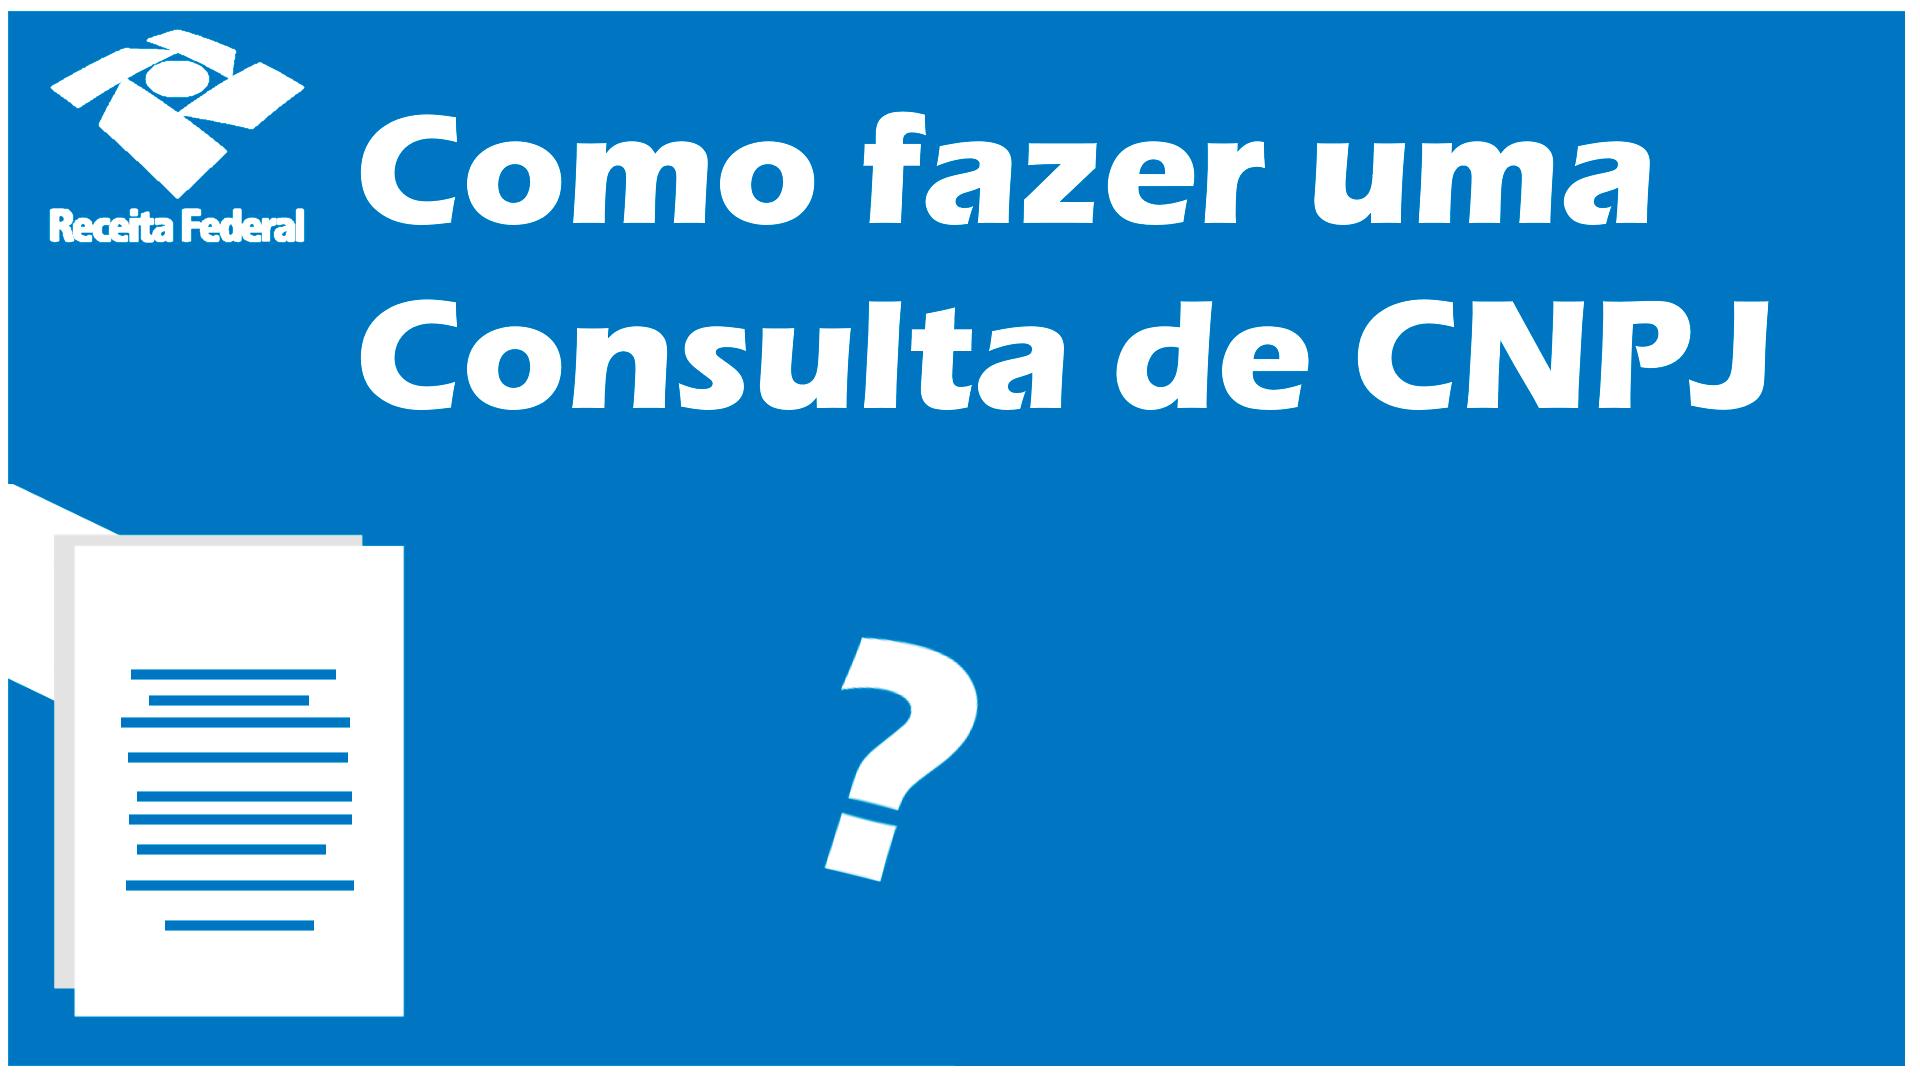 Consulta CNPJ 2022